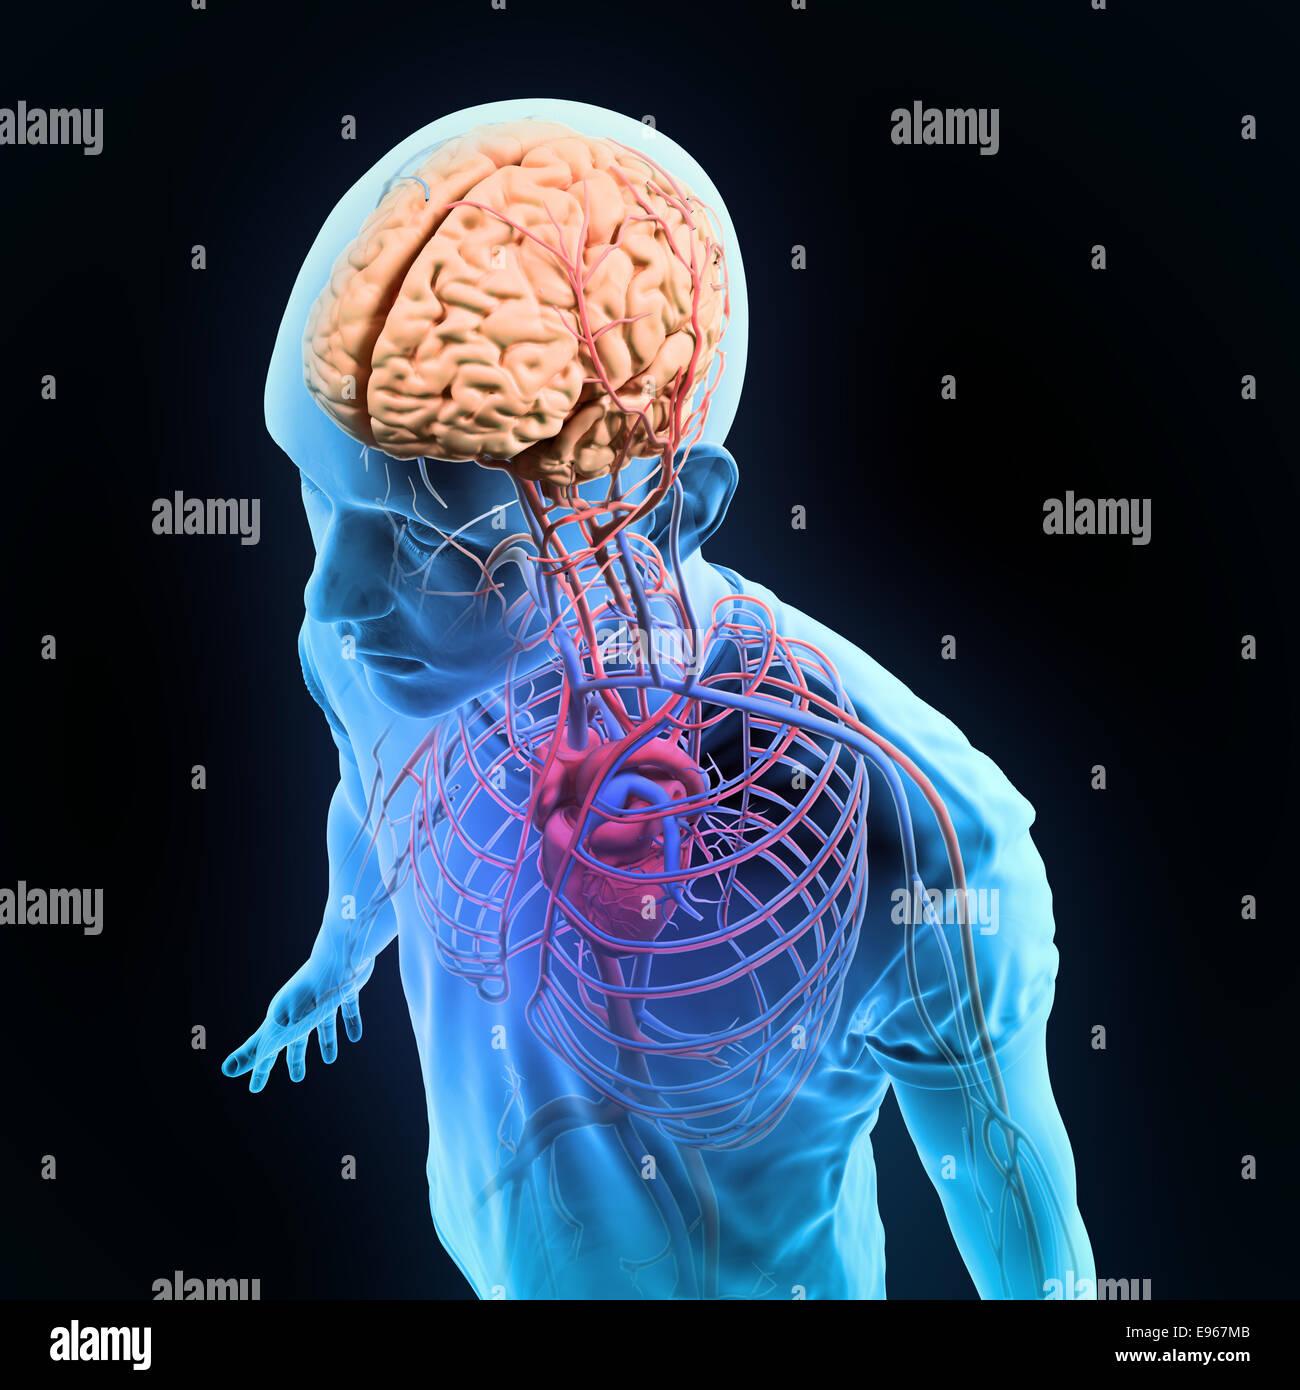 Nett Anatomie Und Physiologie Des Herz Kreislauf Systems Fotos ...